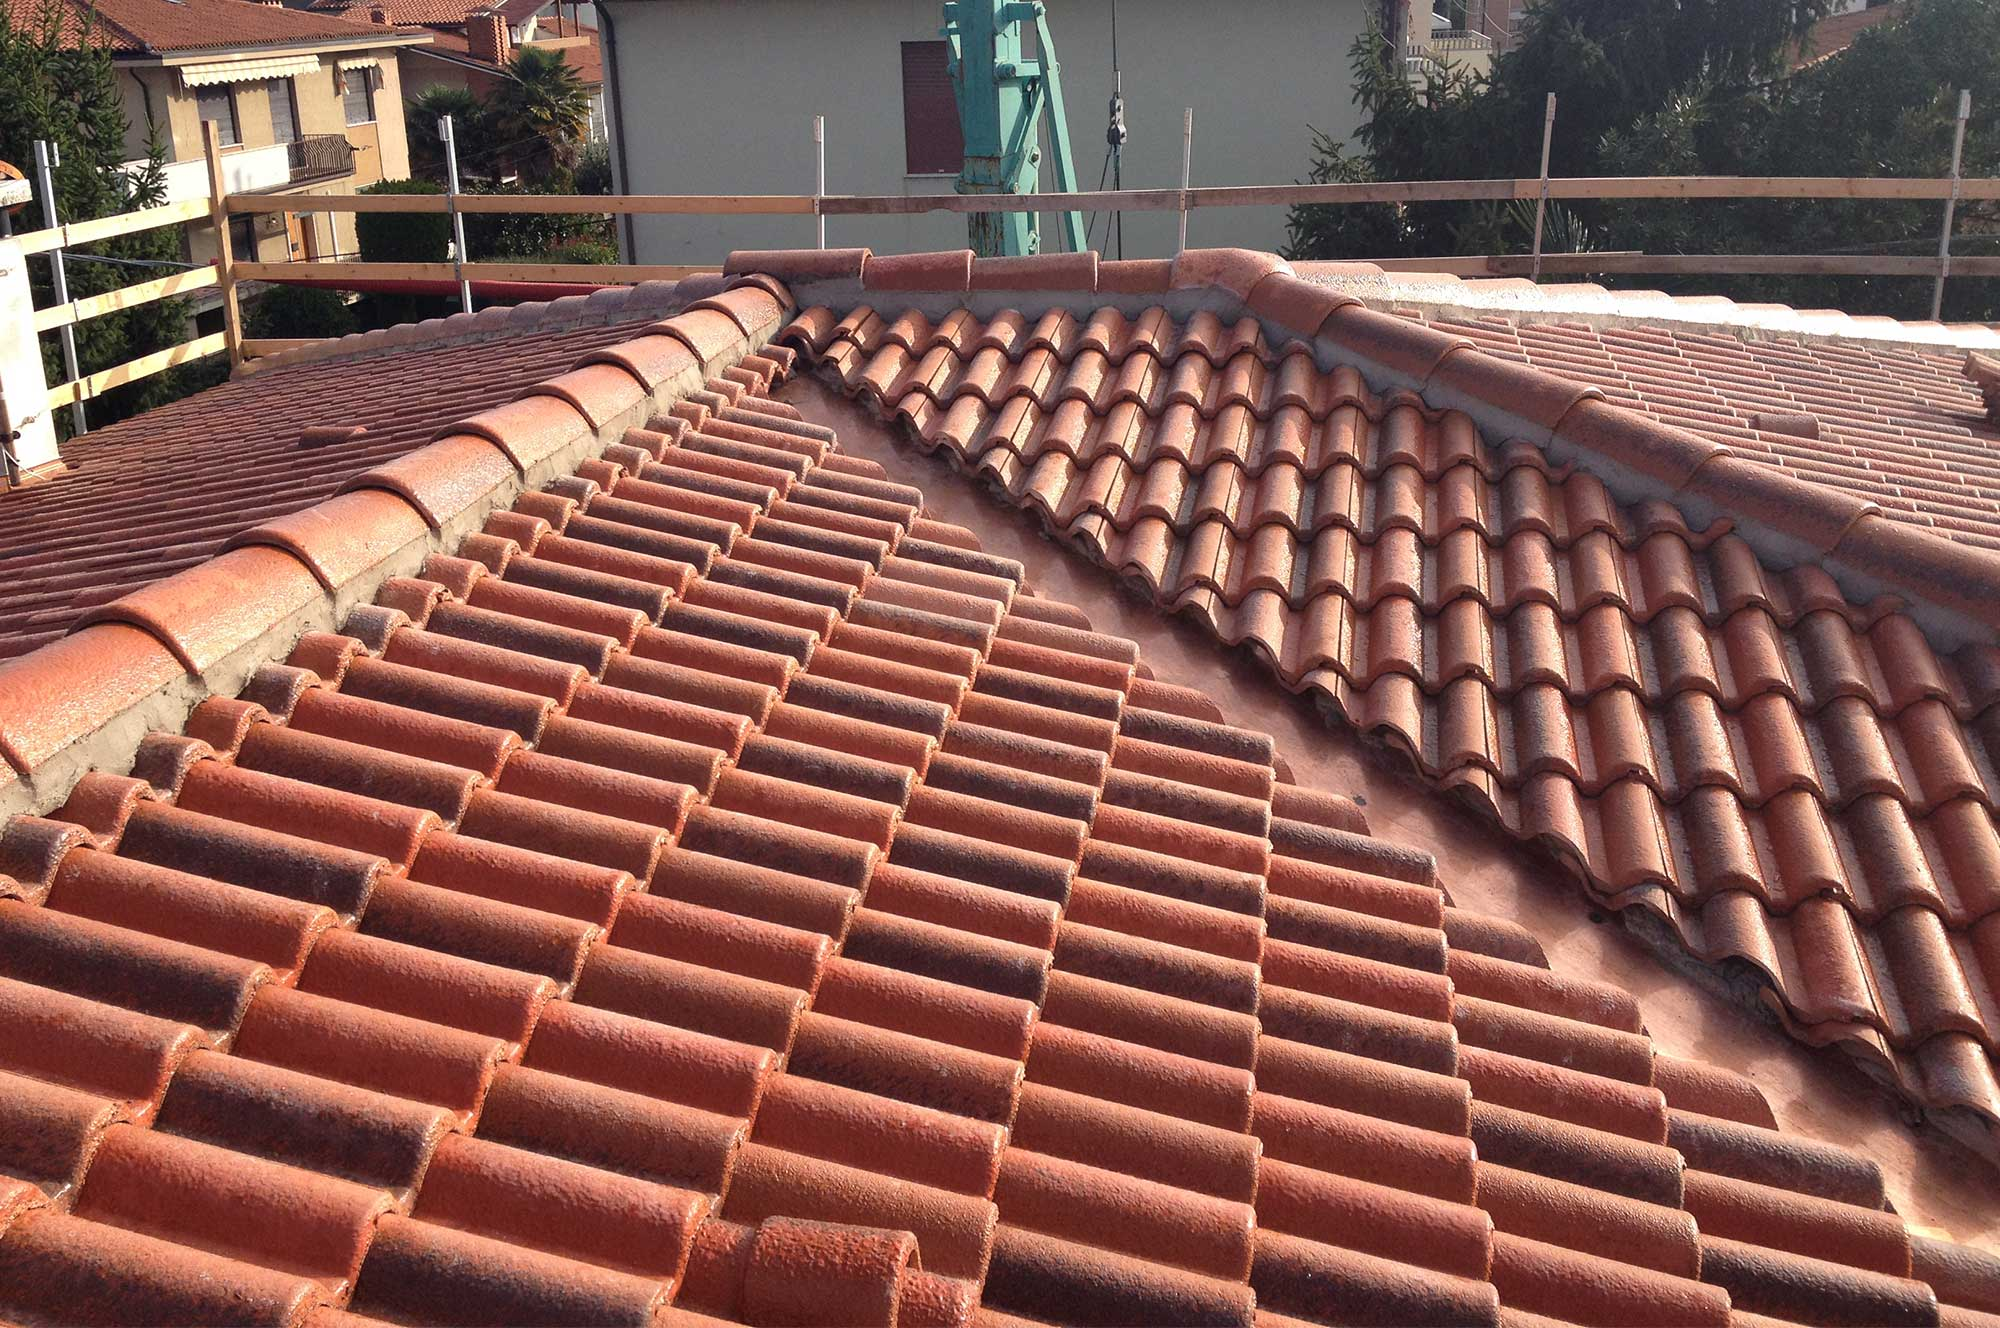 rifacimento-del-tetto-di-una-abitazione